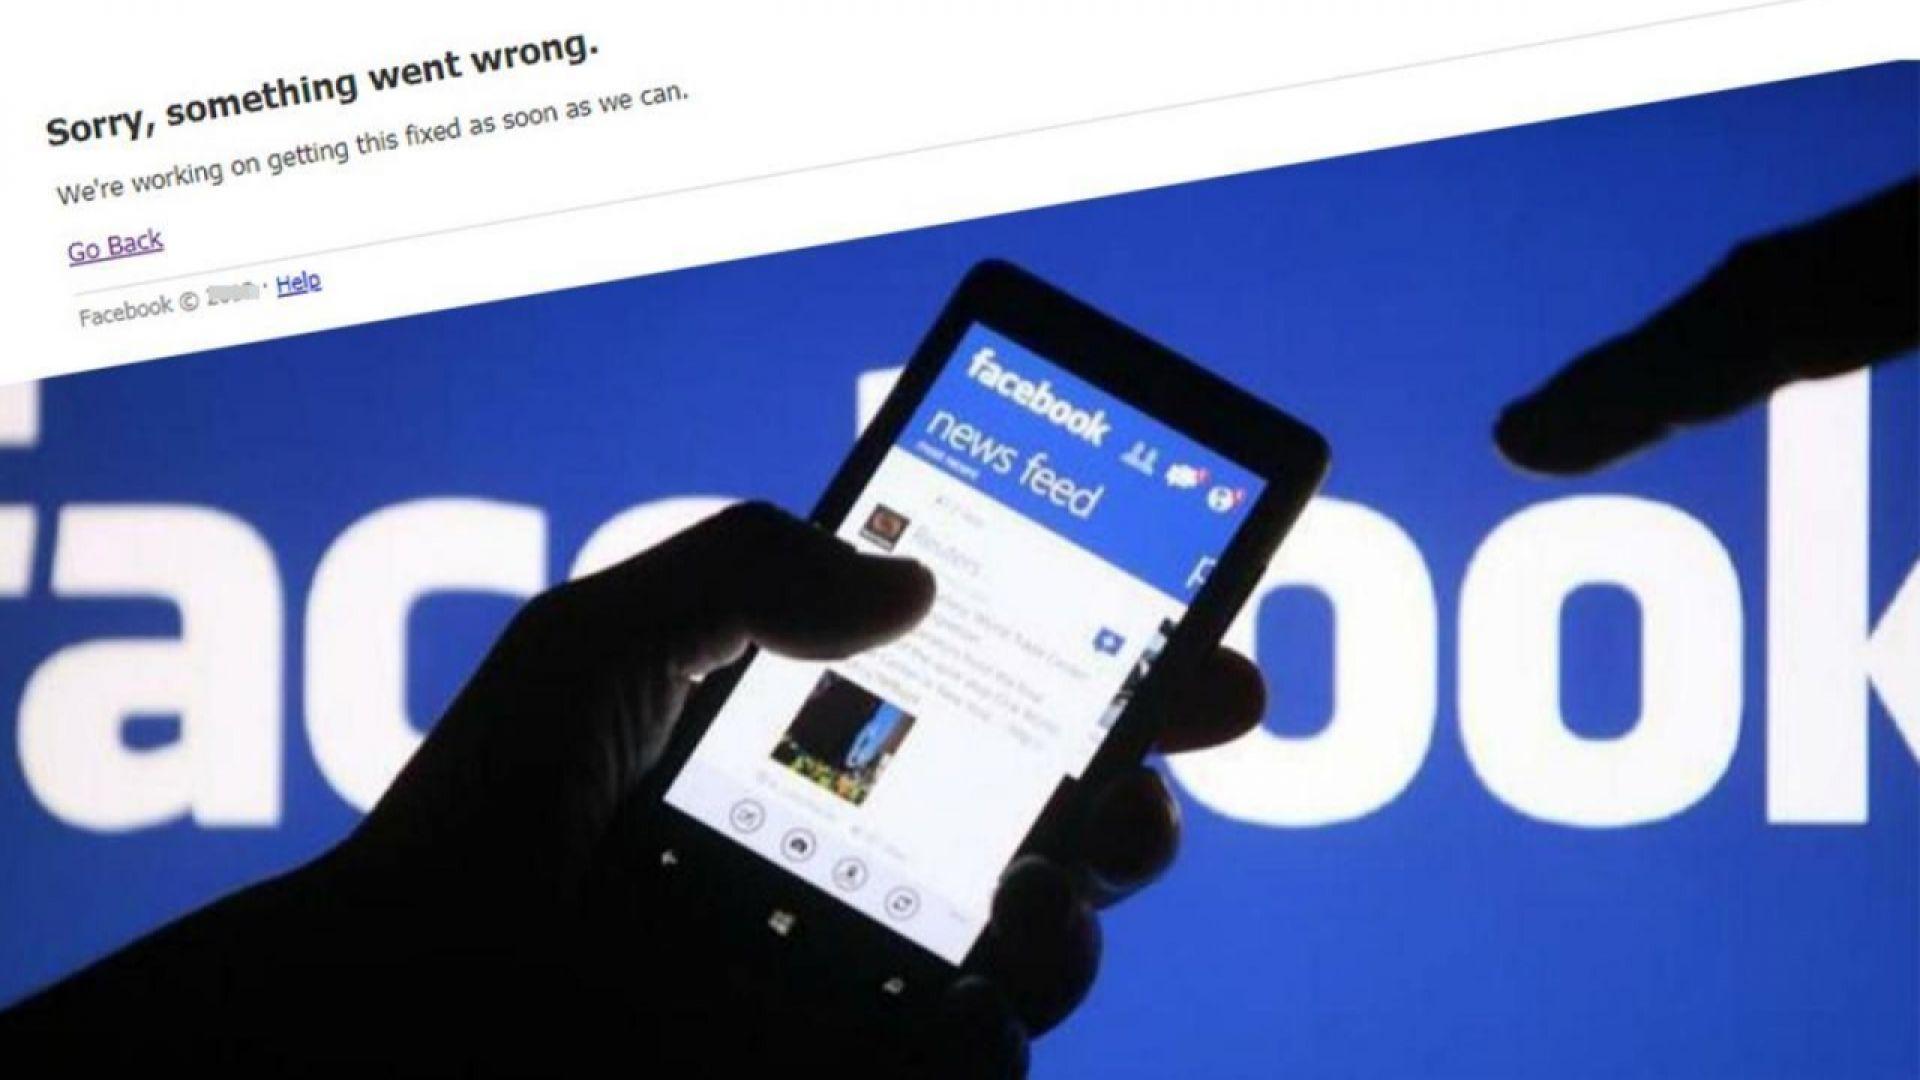 Вашингтон иска социалните мрежи да отговарят за публикациите на потребителите